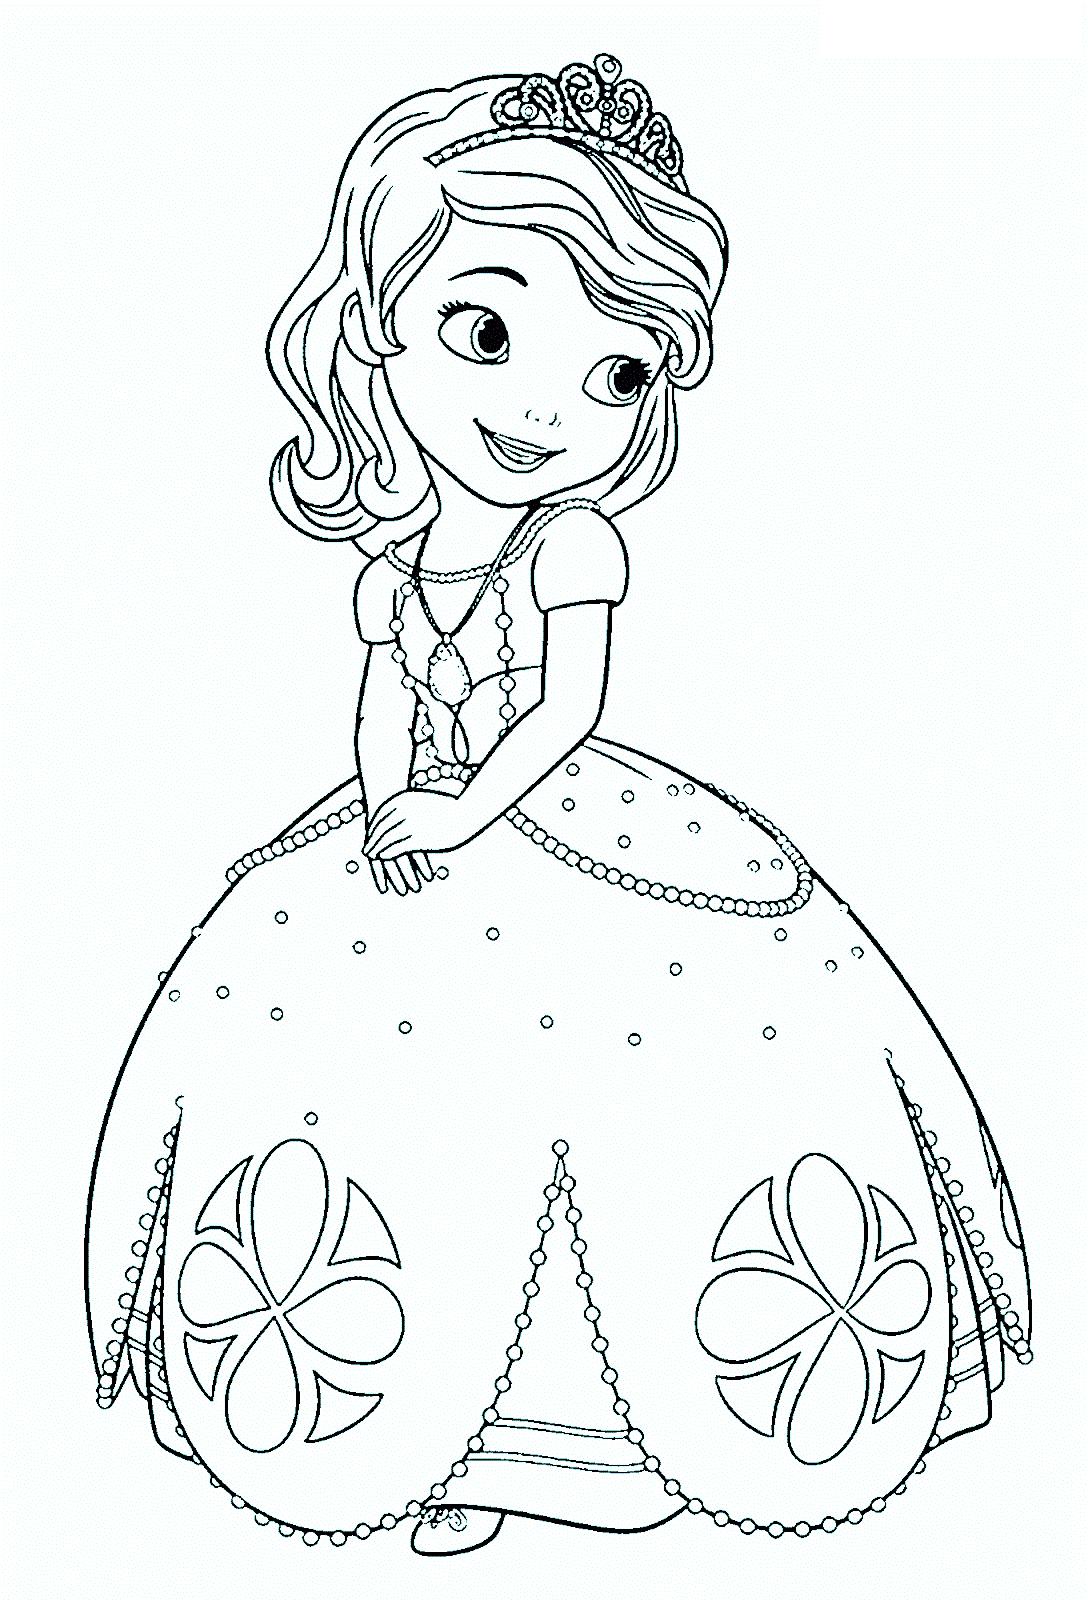 Dibujos Para Colorear Online Gratis De Princesas Disney ~ Ideas ...